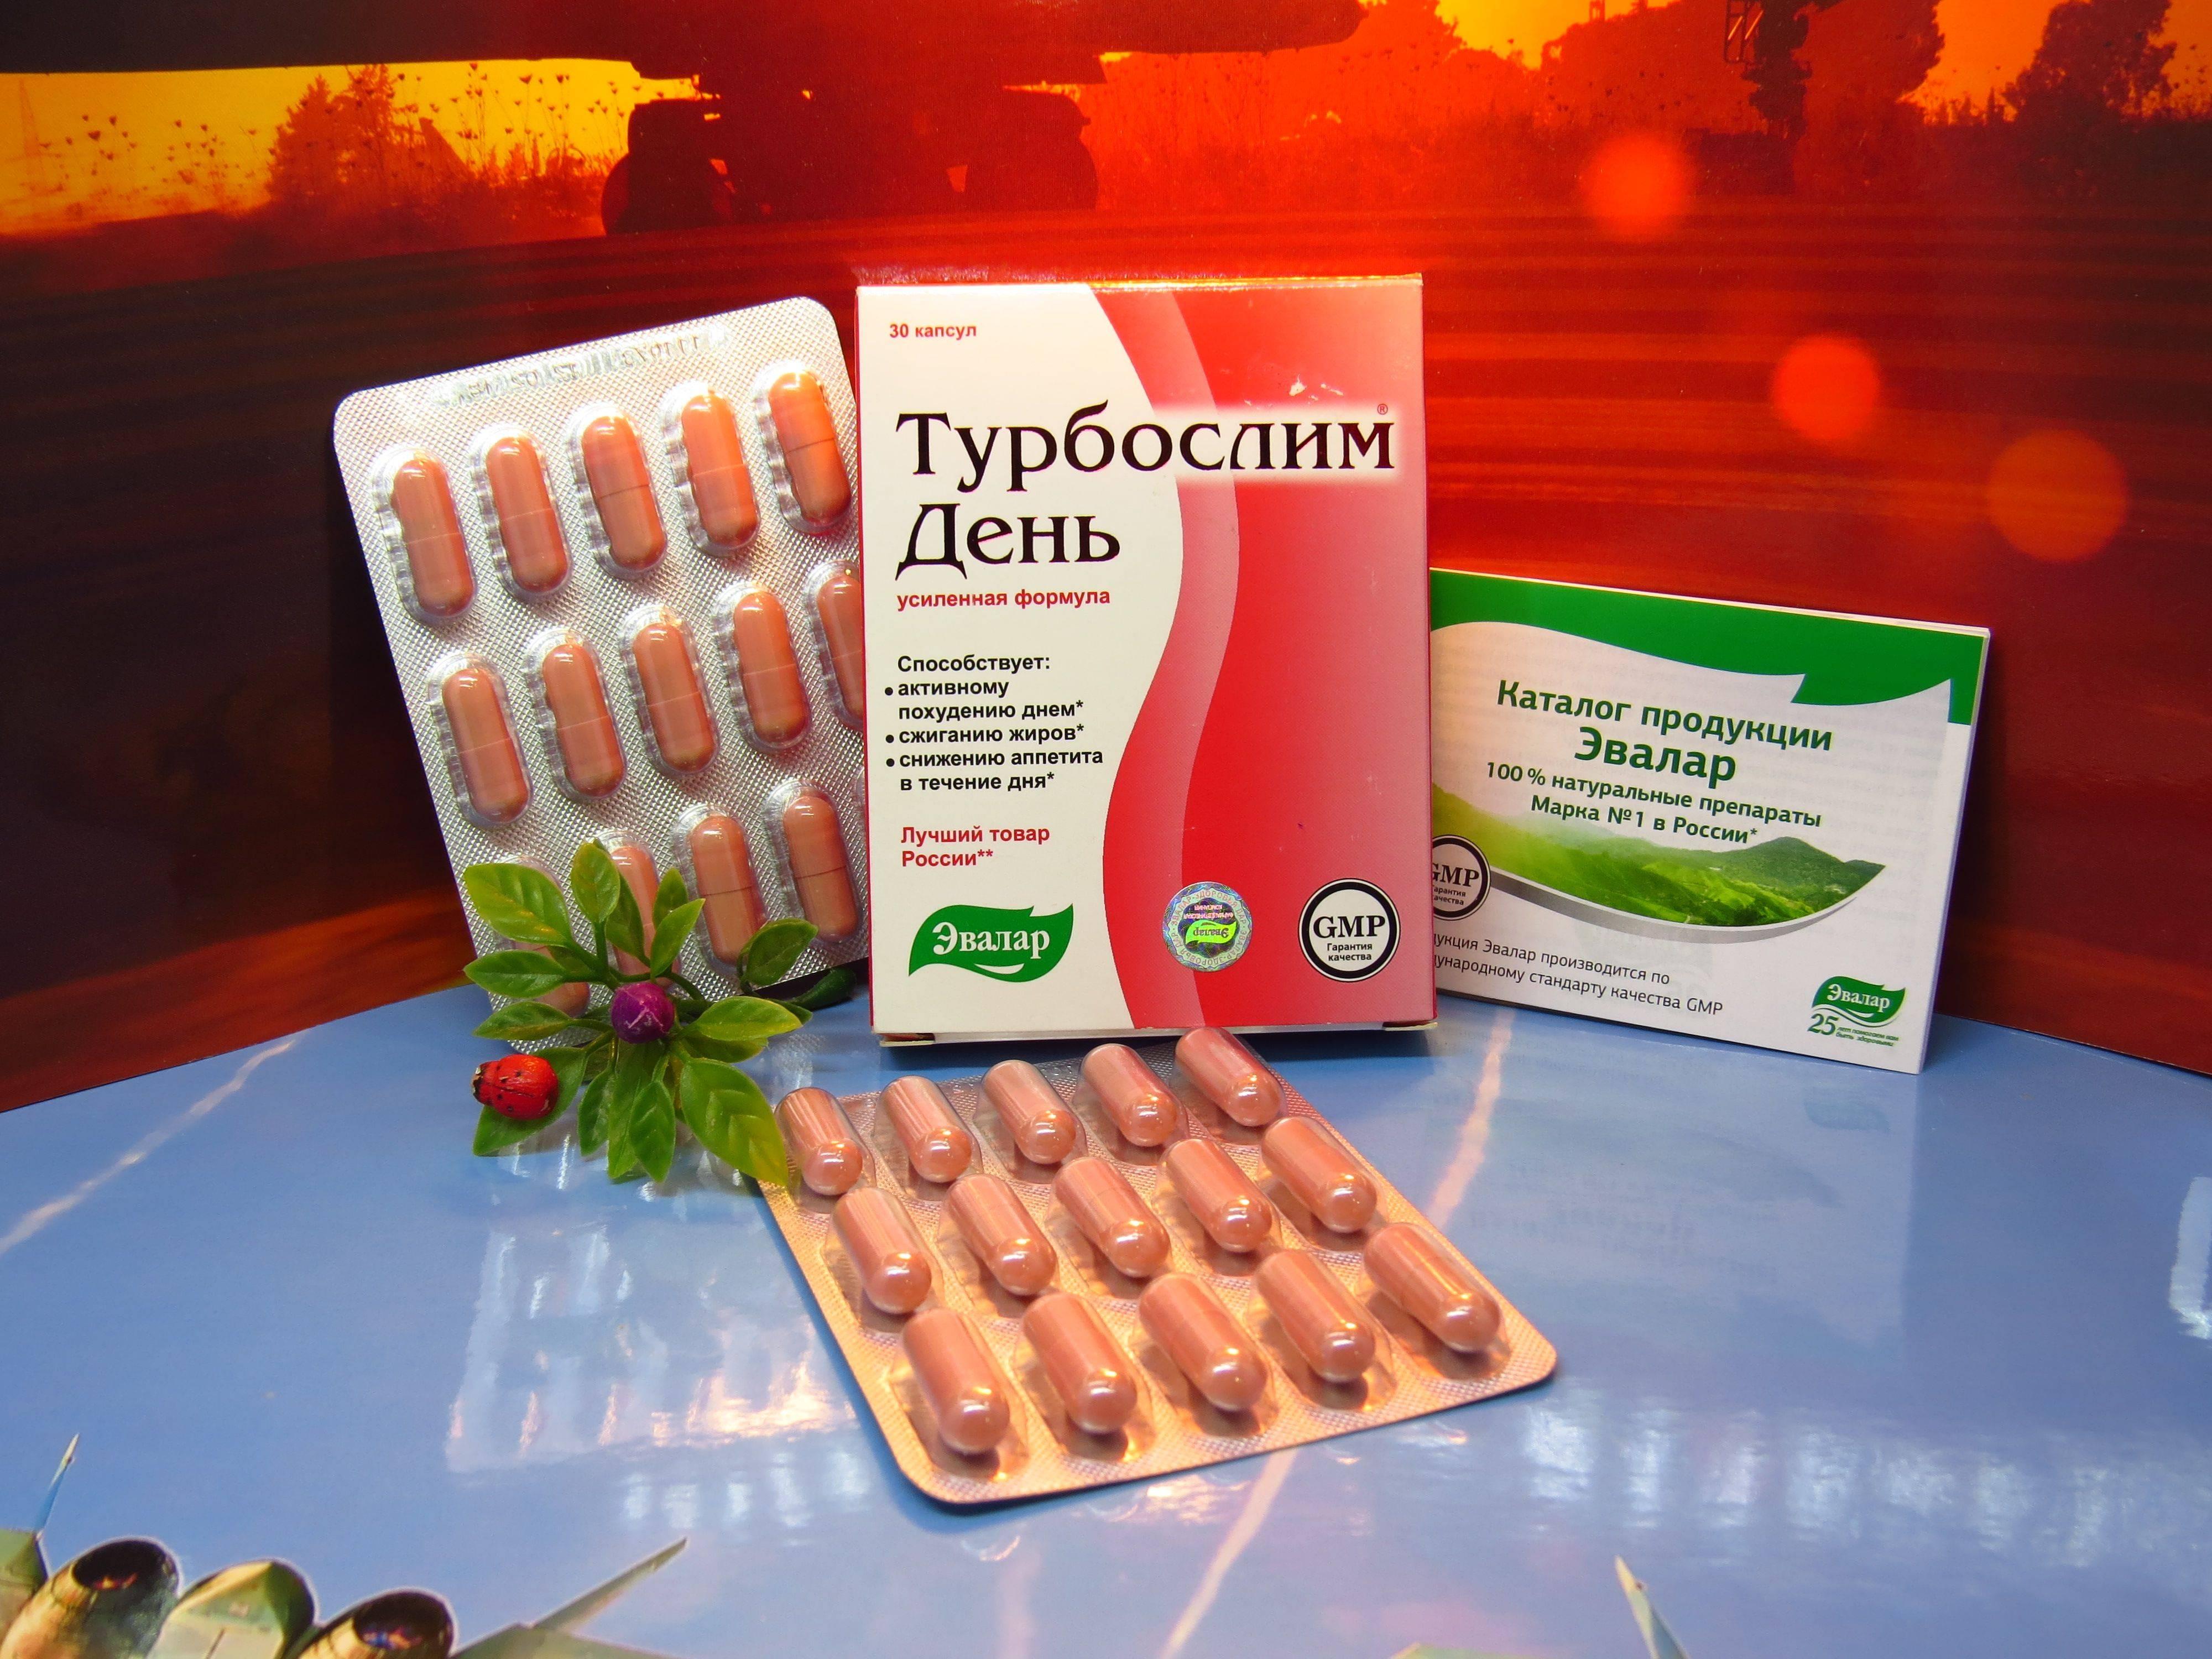 Турбослим для похудения : инструкция по применению   компетентно о здоровье на ilive